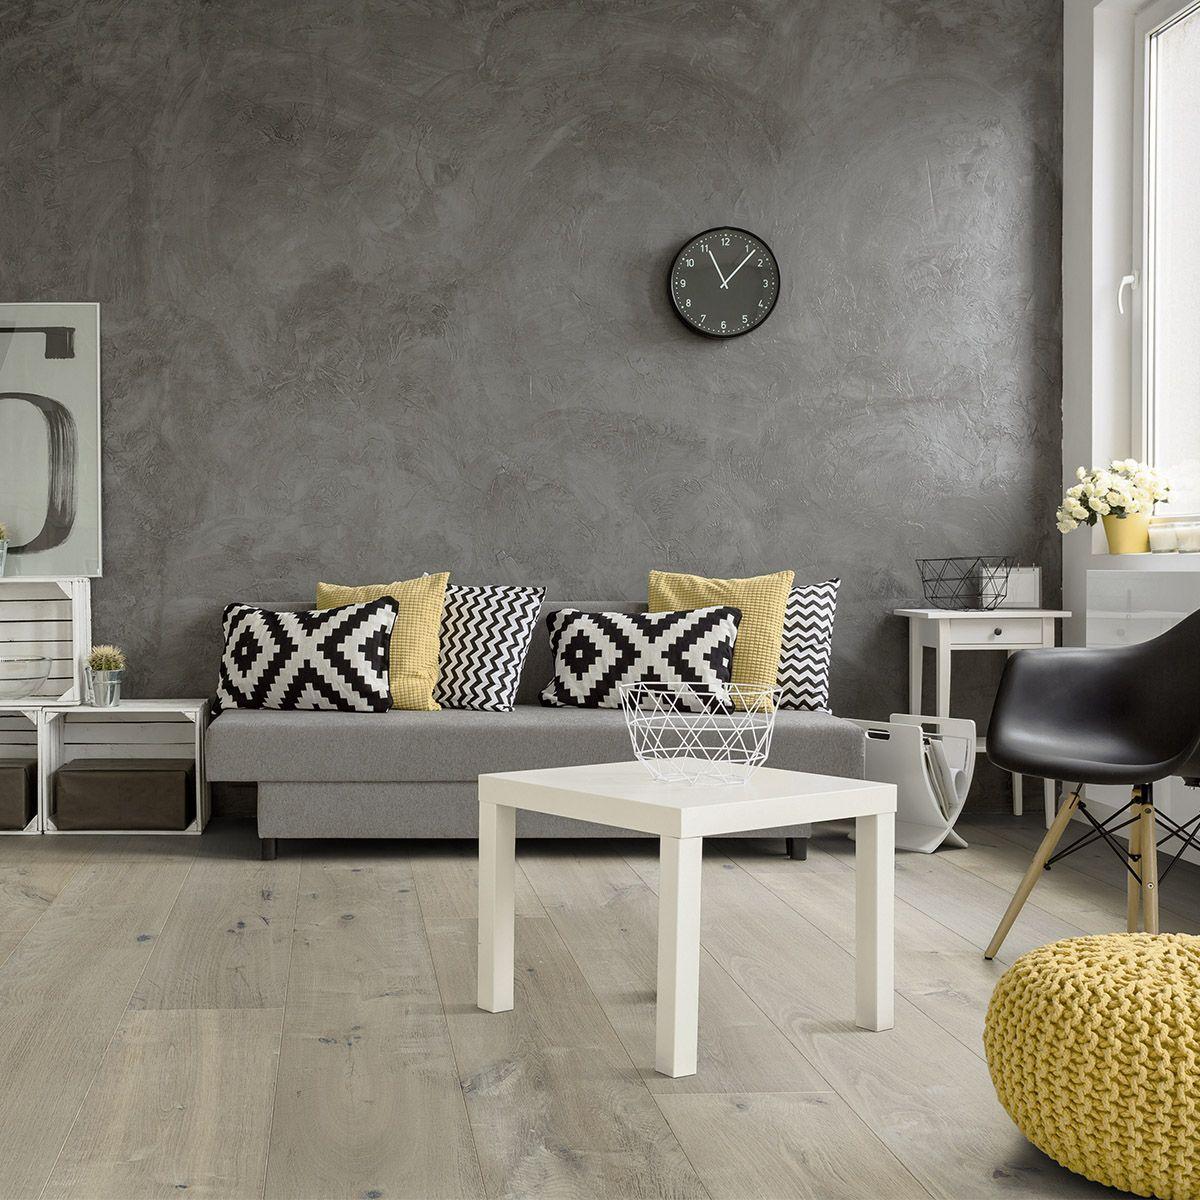 Der Parkett Riese Shop  Deko wohnzimmer modern, Wohnzimmer böden